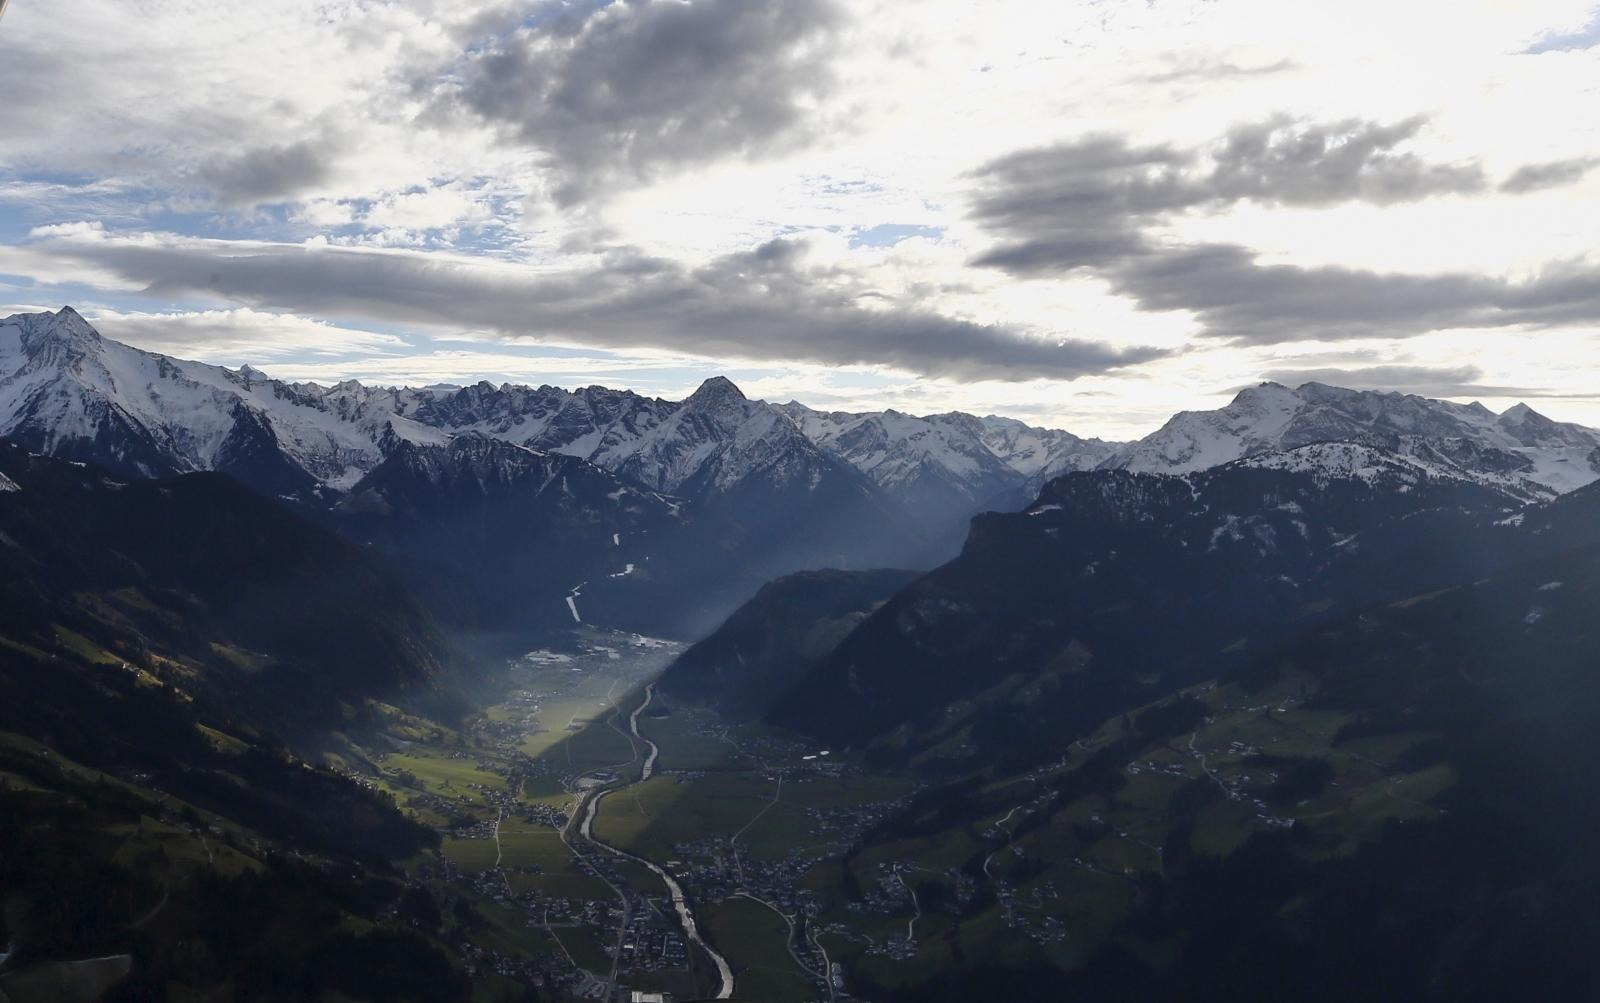 Austria's Zillertal Alps